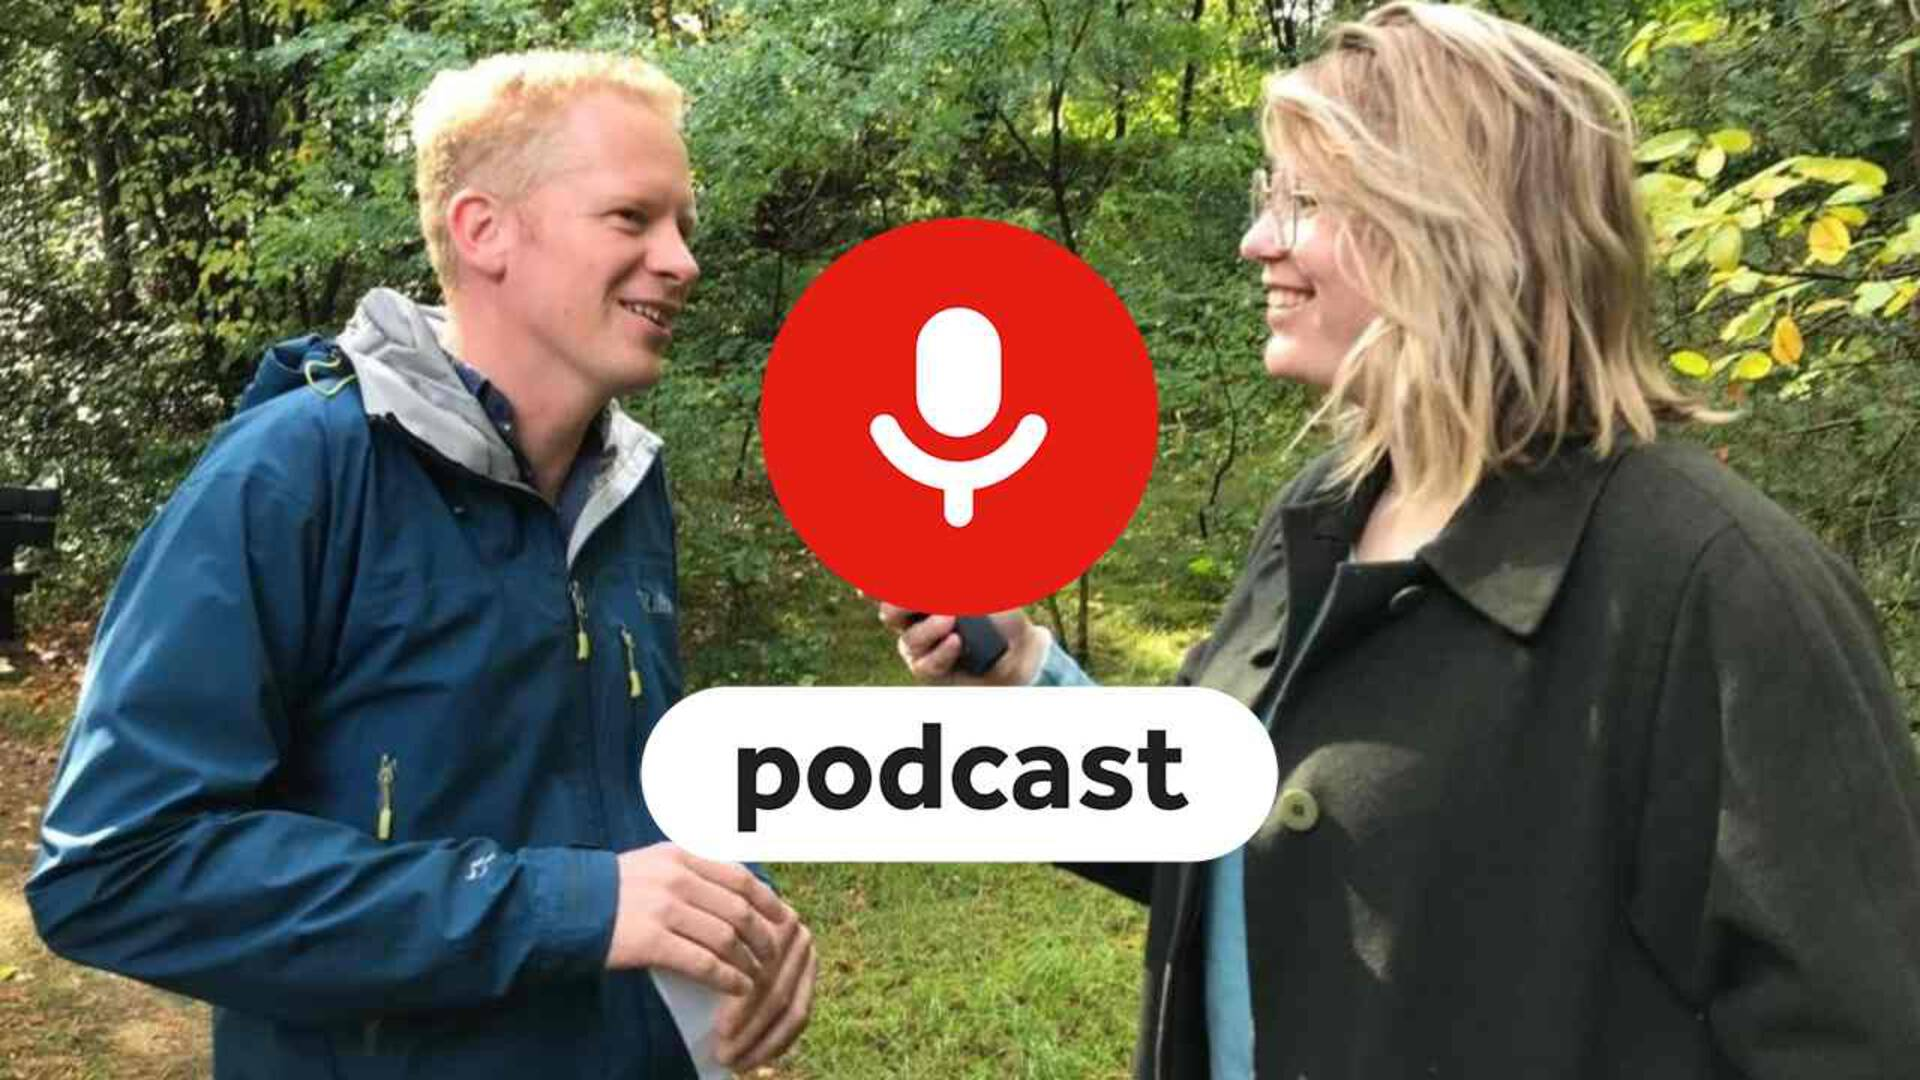 NOS lanceert podcast met Peter Kuipers Munneke   NOS